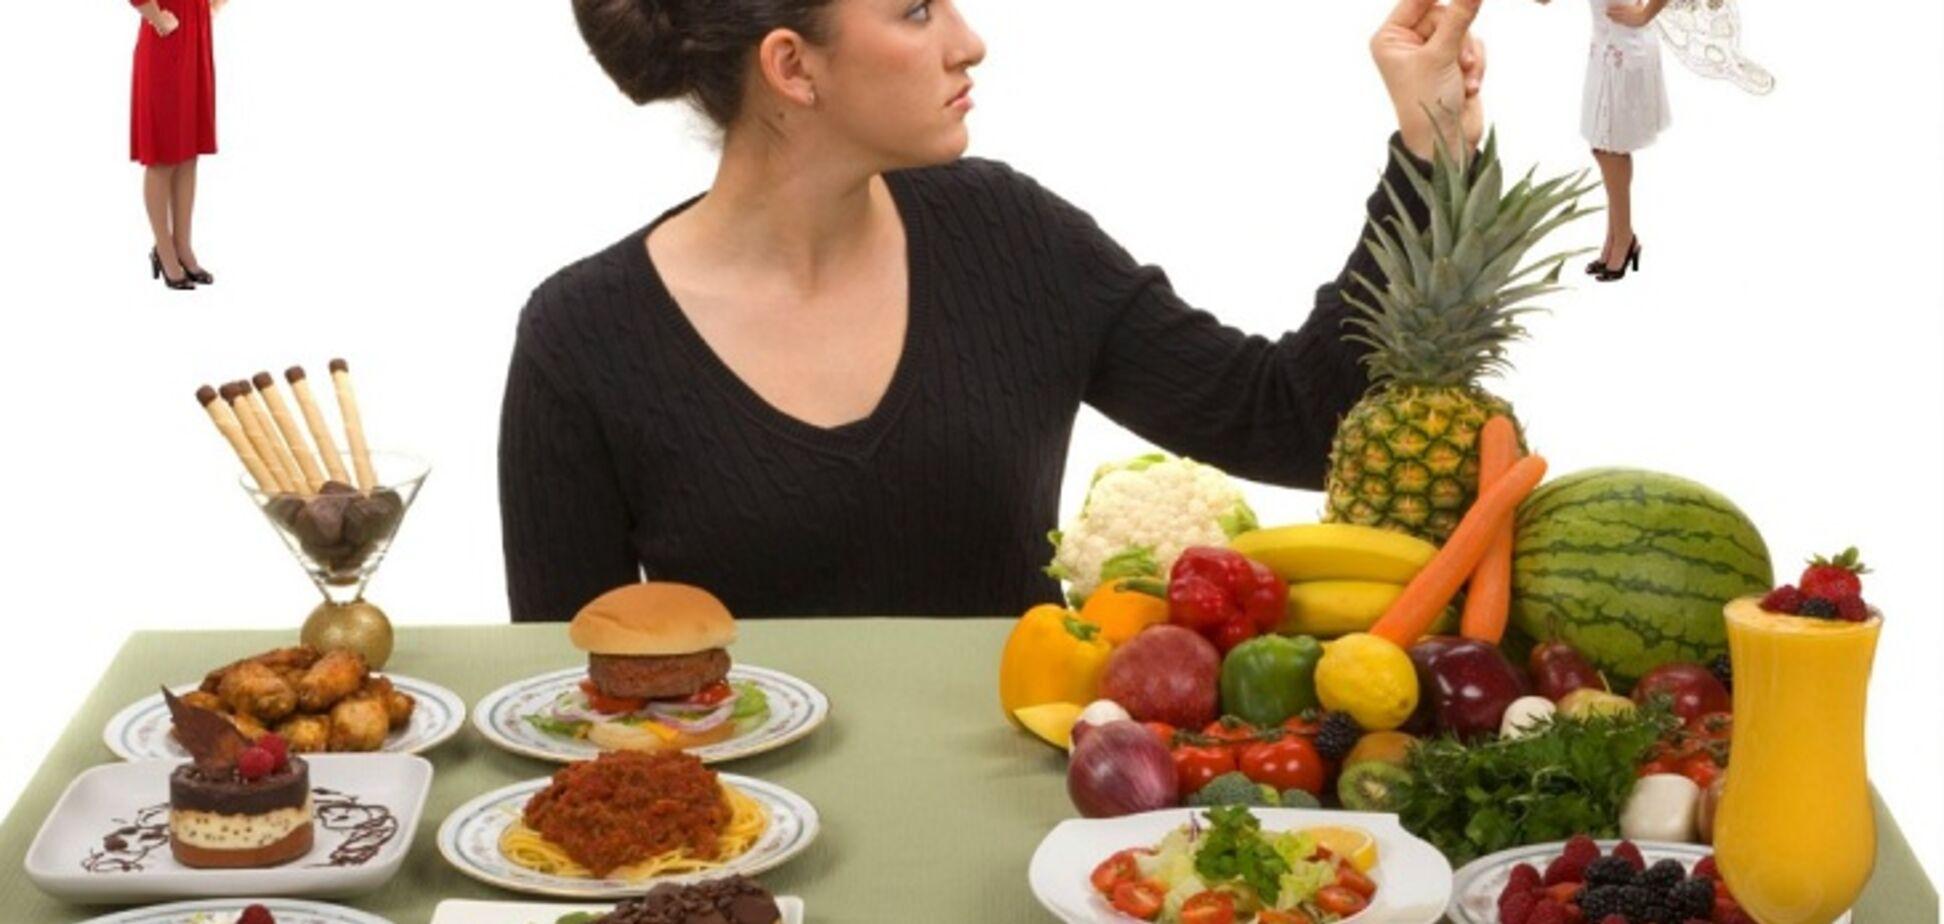 Осознанное питание: крутой лайфхак для похудения